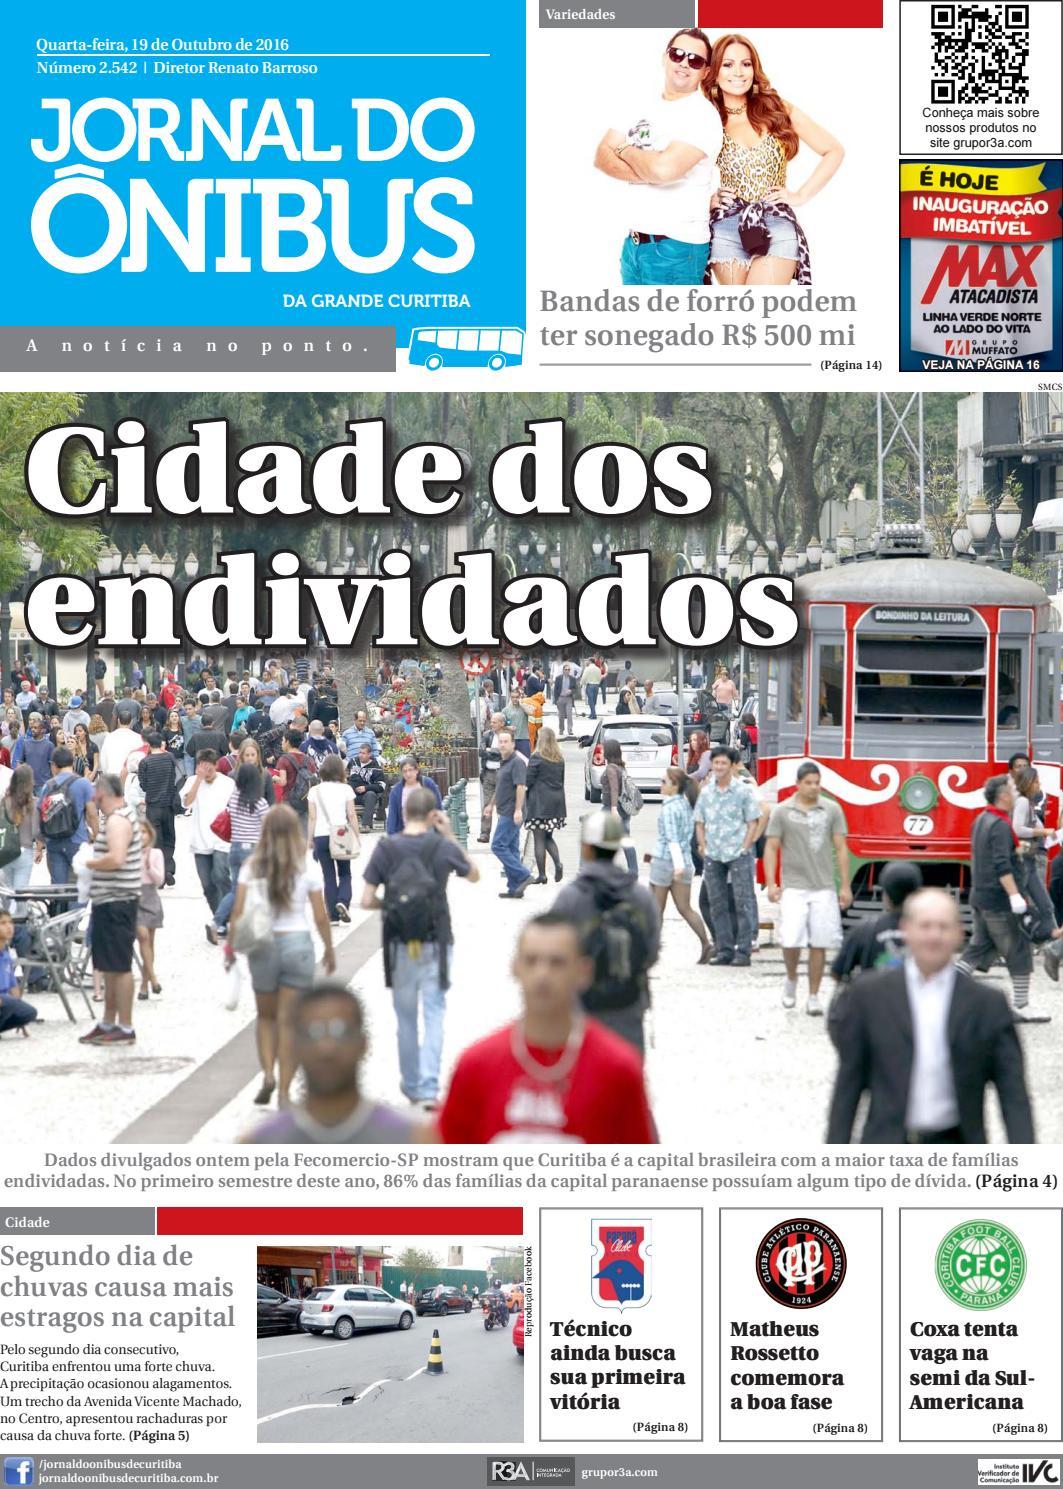 13780ac93 Jornal do Onibus de Curitiba - Edição do dia 19-10-2016 by Editora Correio  Paranaense - issuu